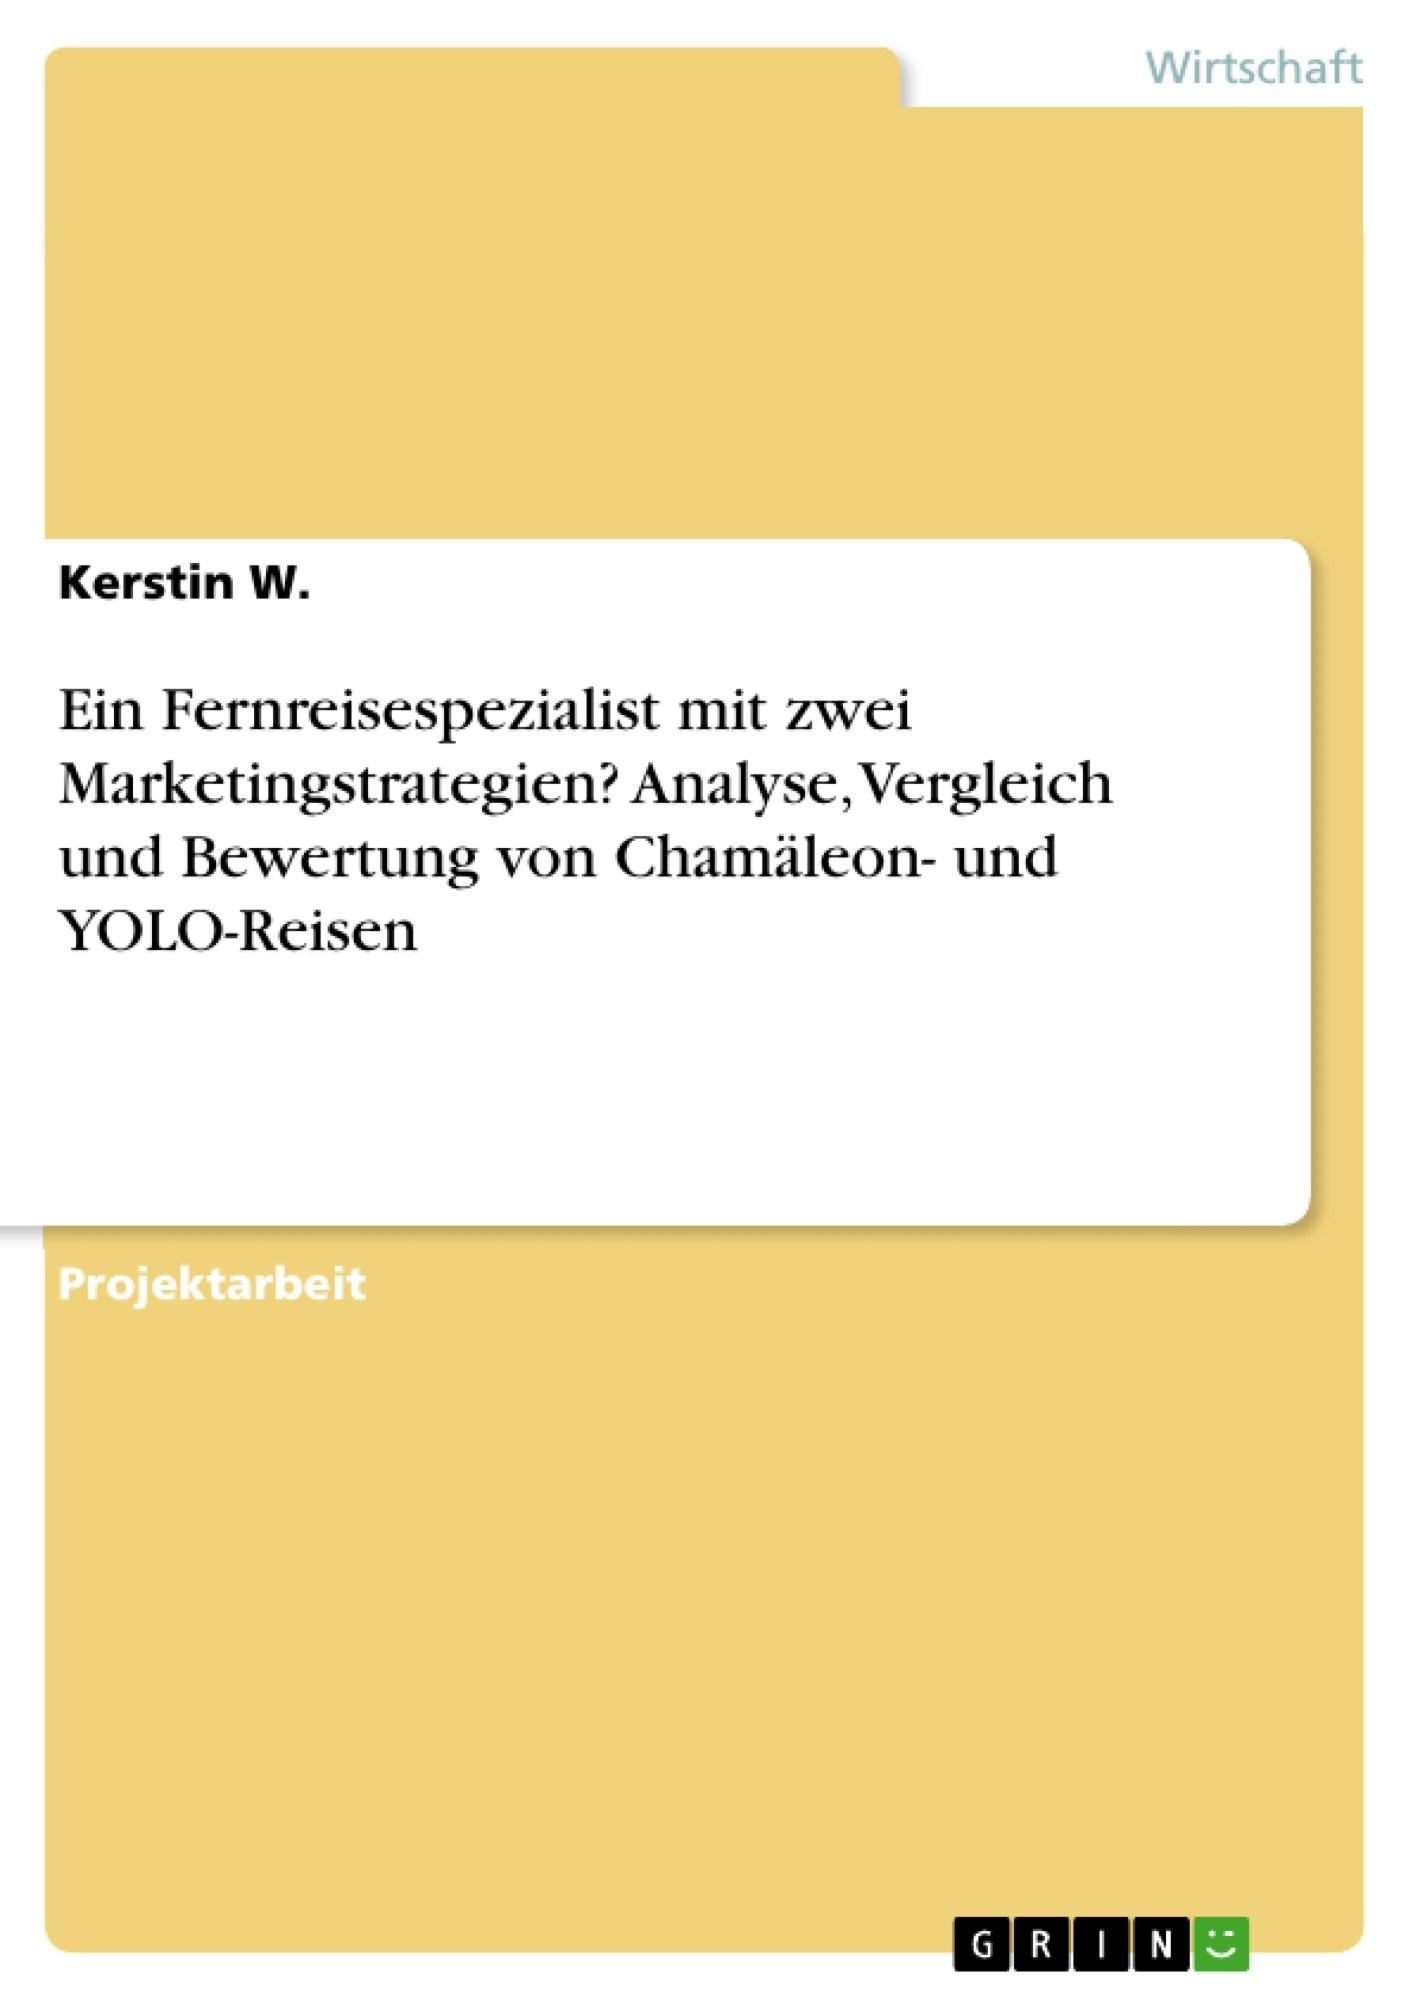 Titel: Ein Fernreisespezialist mit zwei Marketingstrategien? Analyse, Vergleich und Bewertung von Chamäleon- und YOLO-Reisen